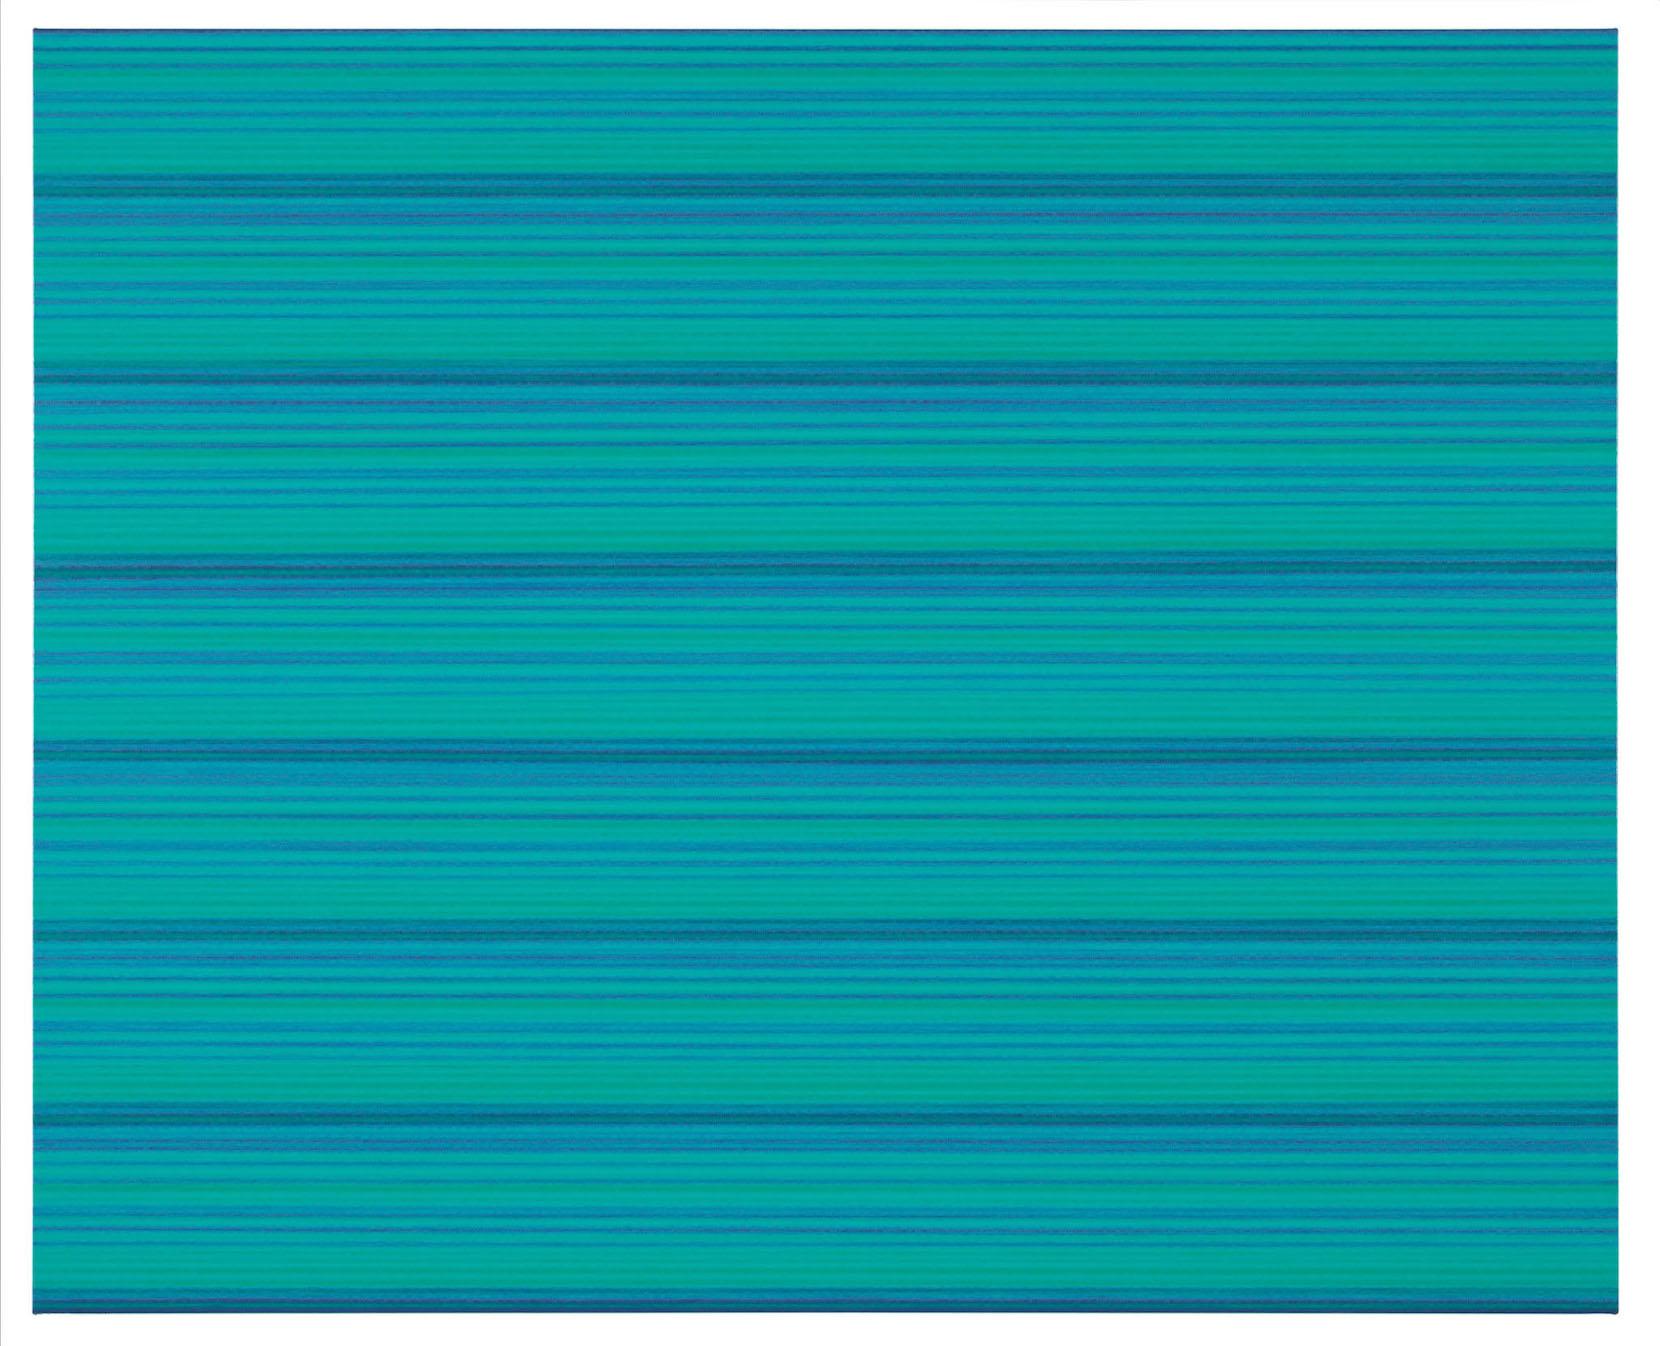 """Rickard Sollman, """"syskonet (grön)"""", 2012, oil on canvas, 130 x 160 cm"""